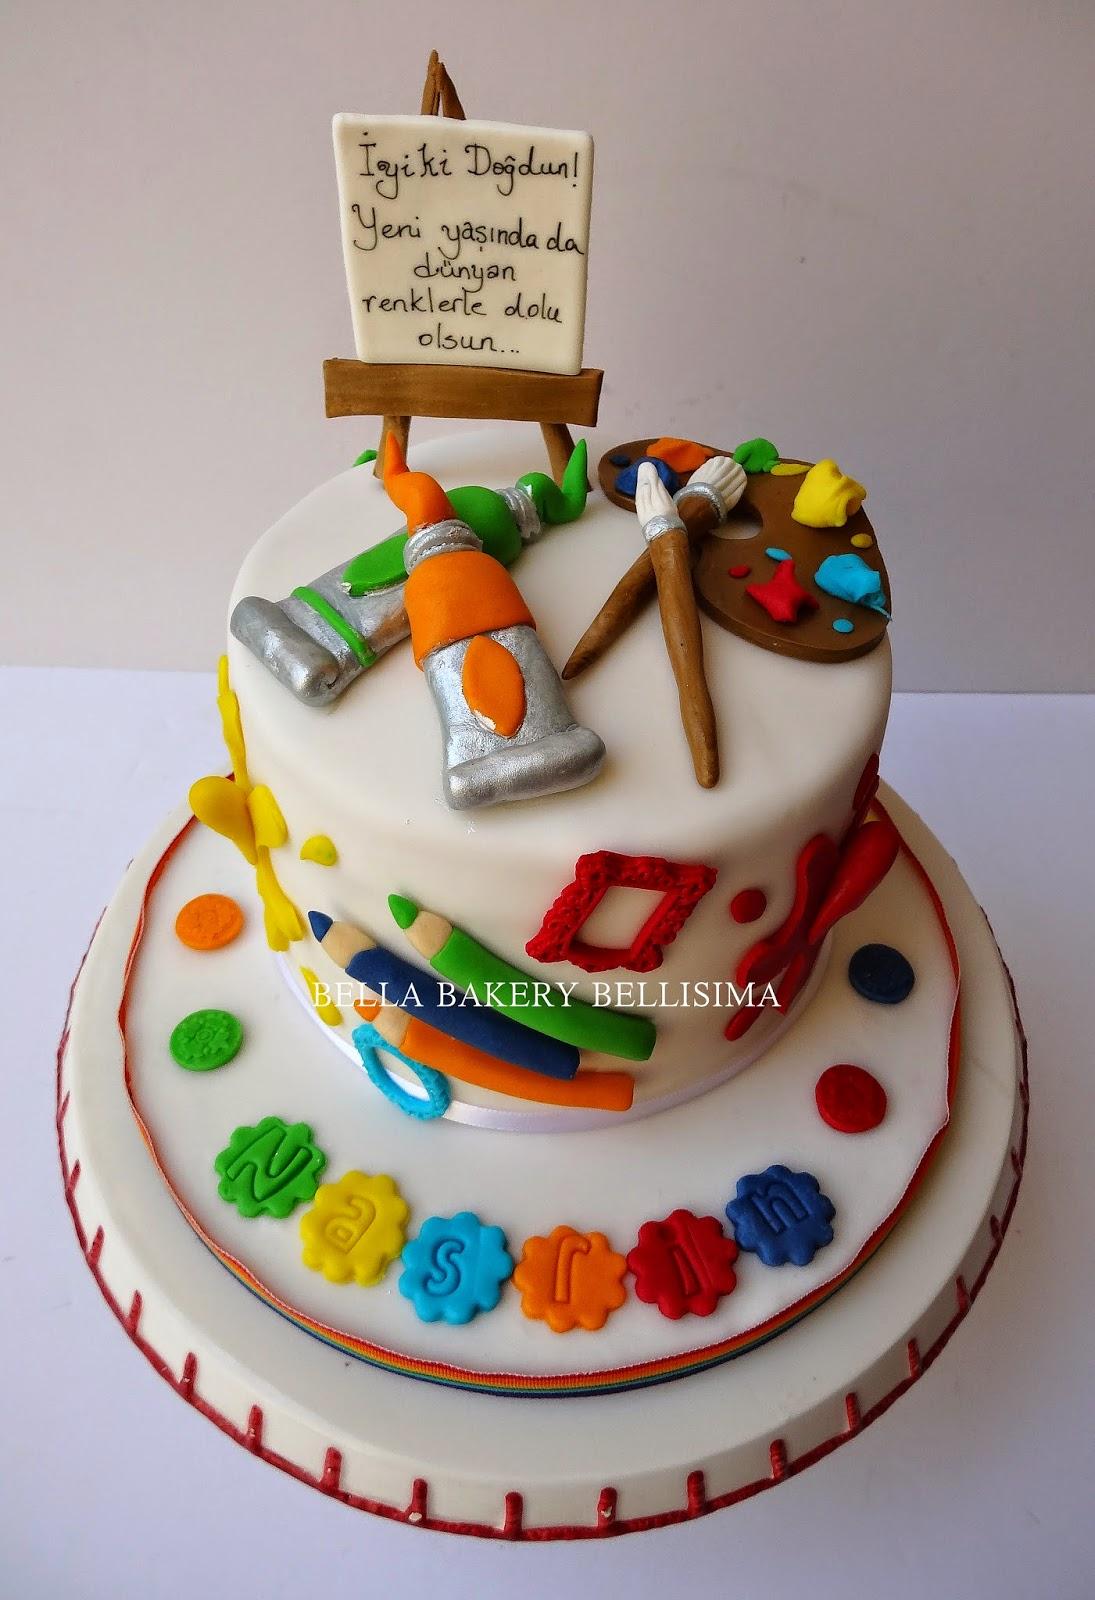 -: ART & ARTIST CAKE